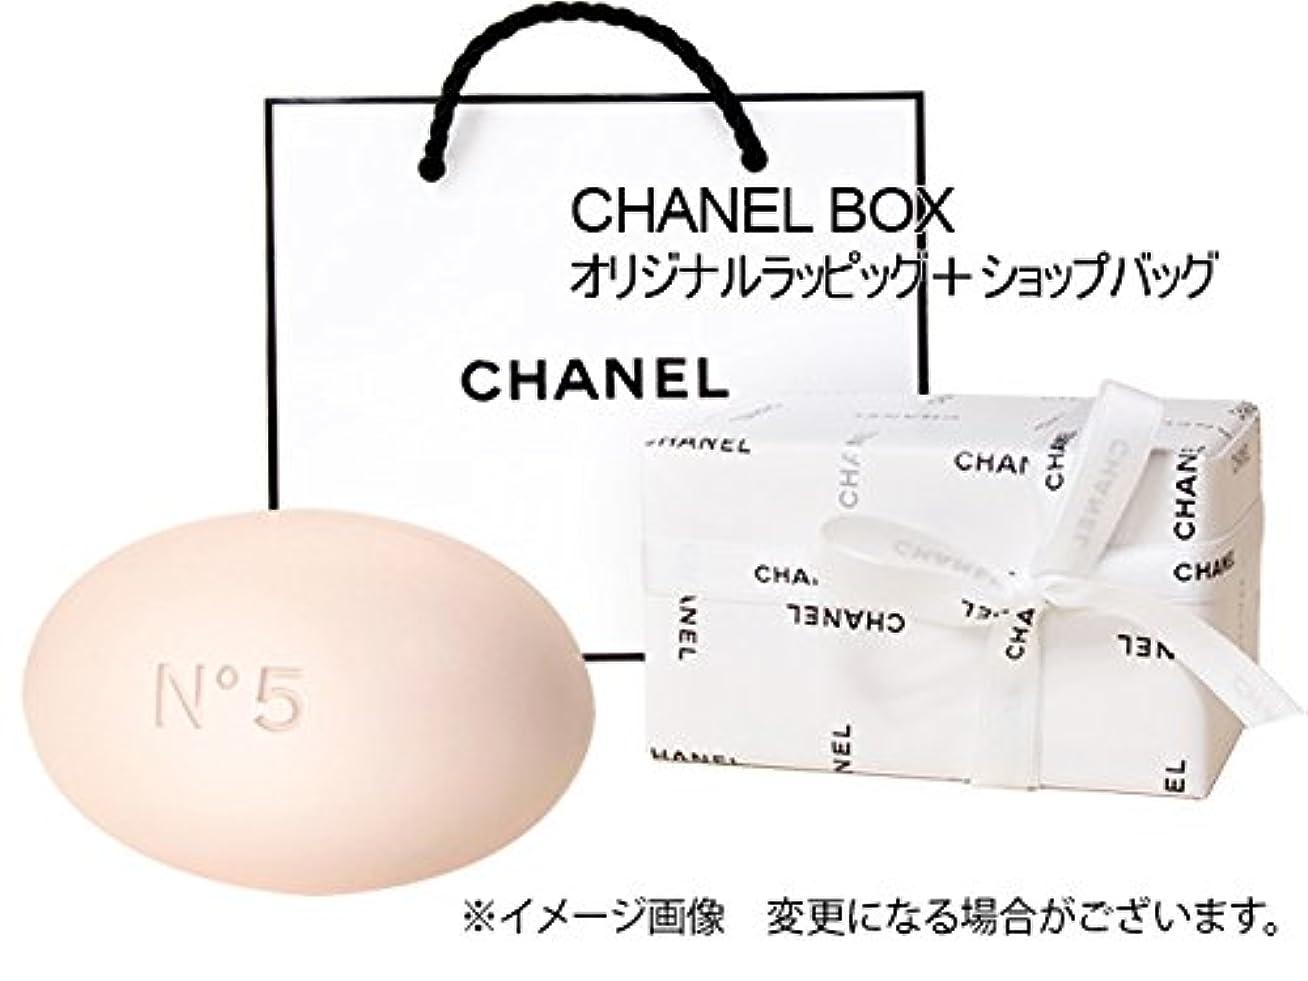 シャネル(CHANEL) N°5 サヴォン 150g CHANEL BOX オリジナルラッピング+ショップバッグ[並行輸入品]